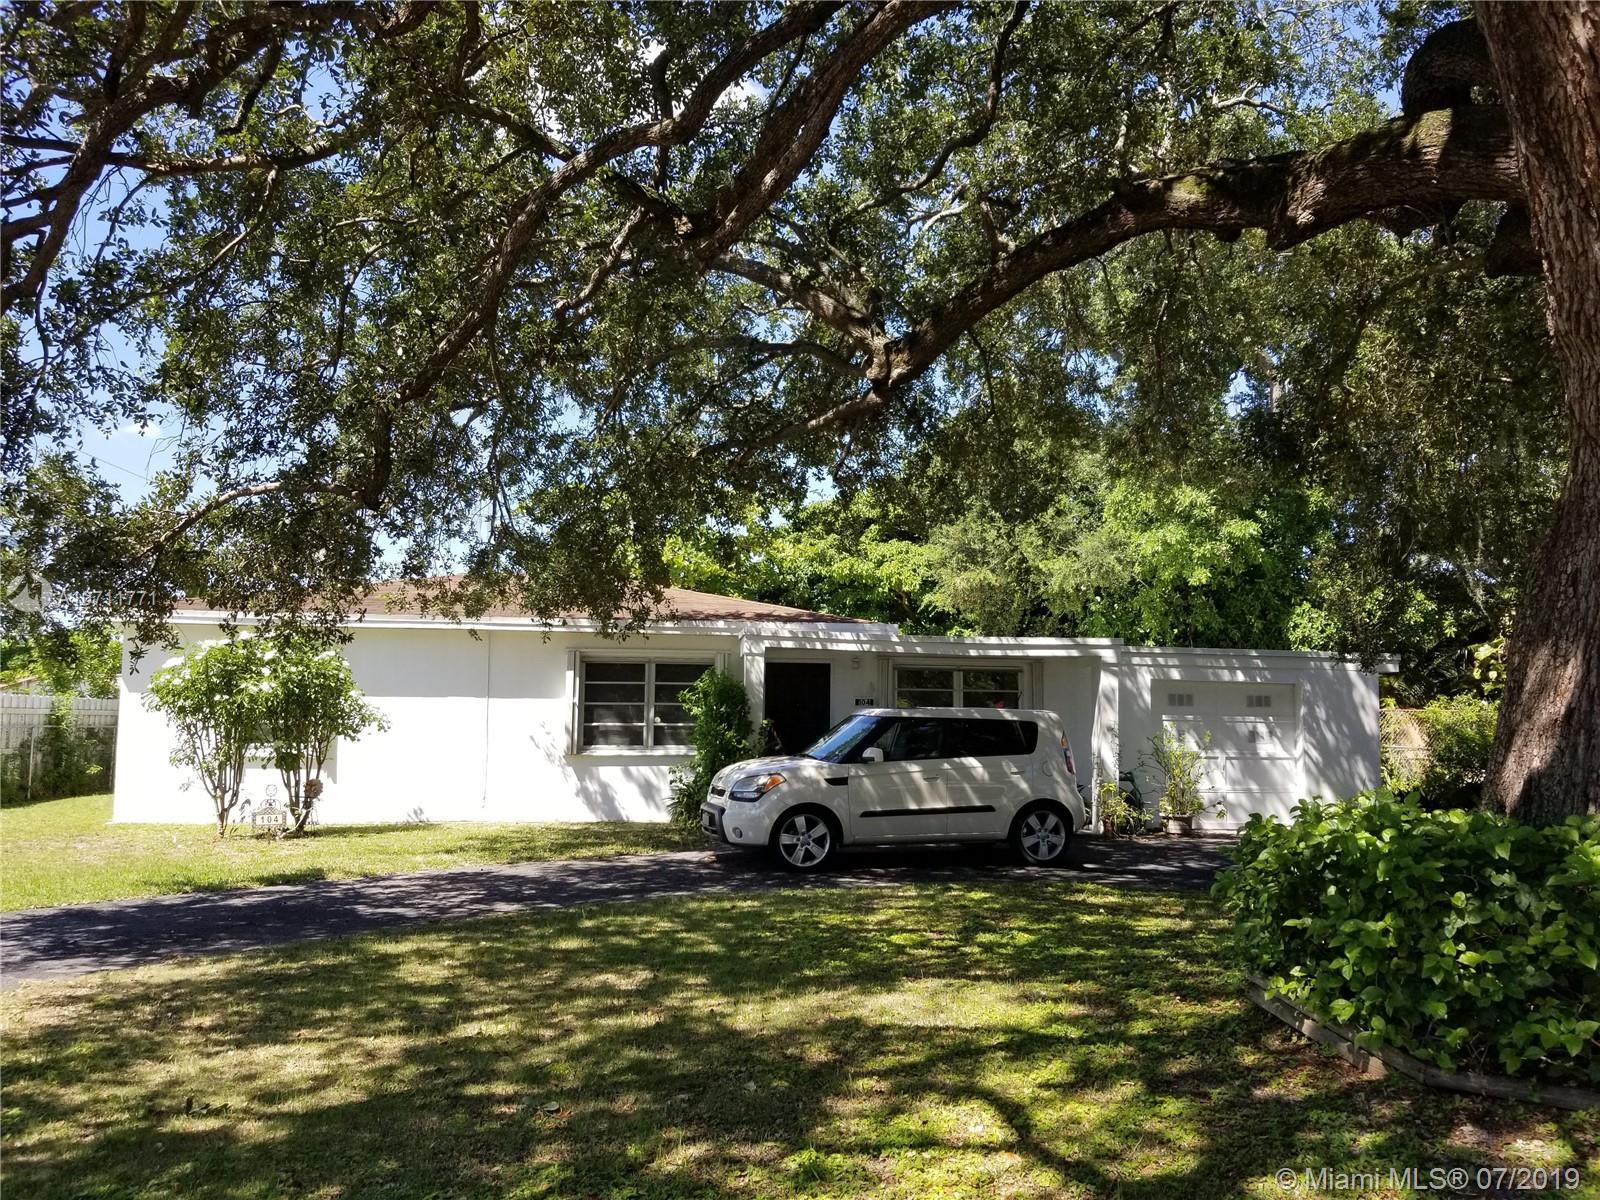 104 Virginia Rd, West Park, FL 33023 - West Park, FL real estate listing